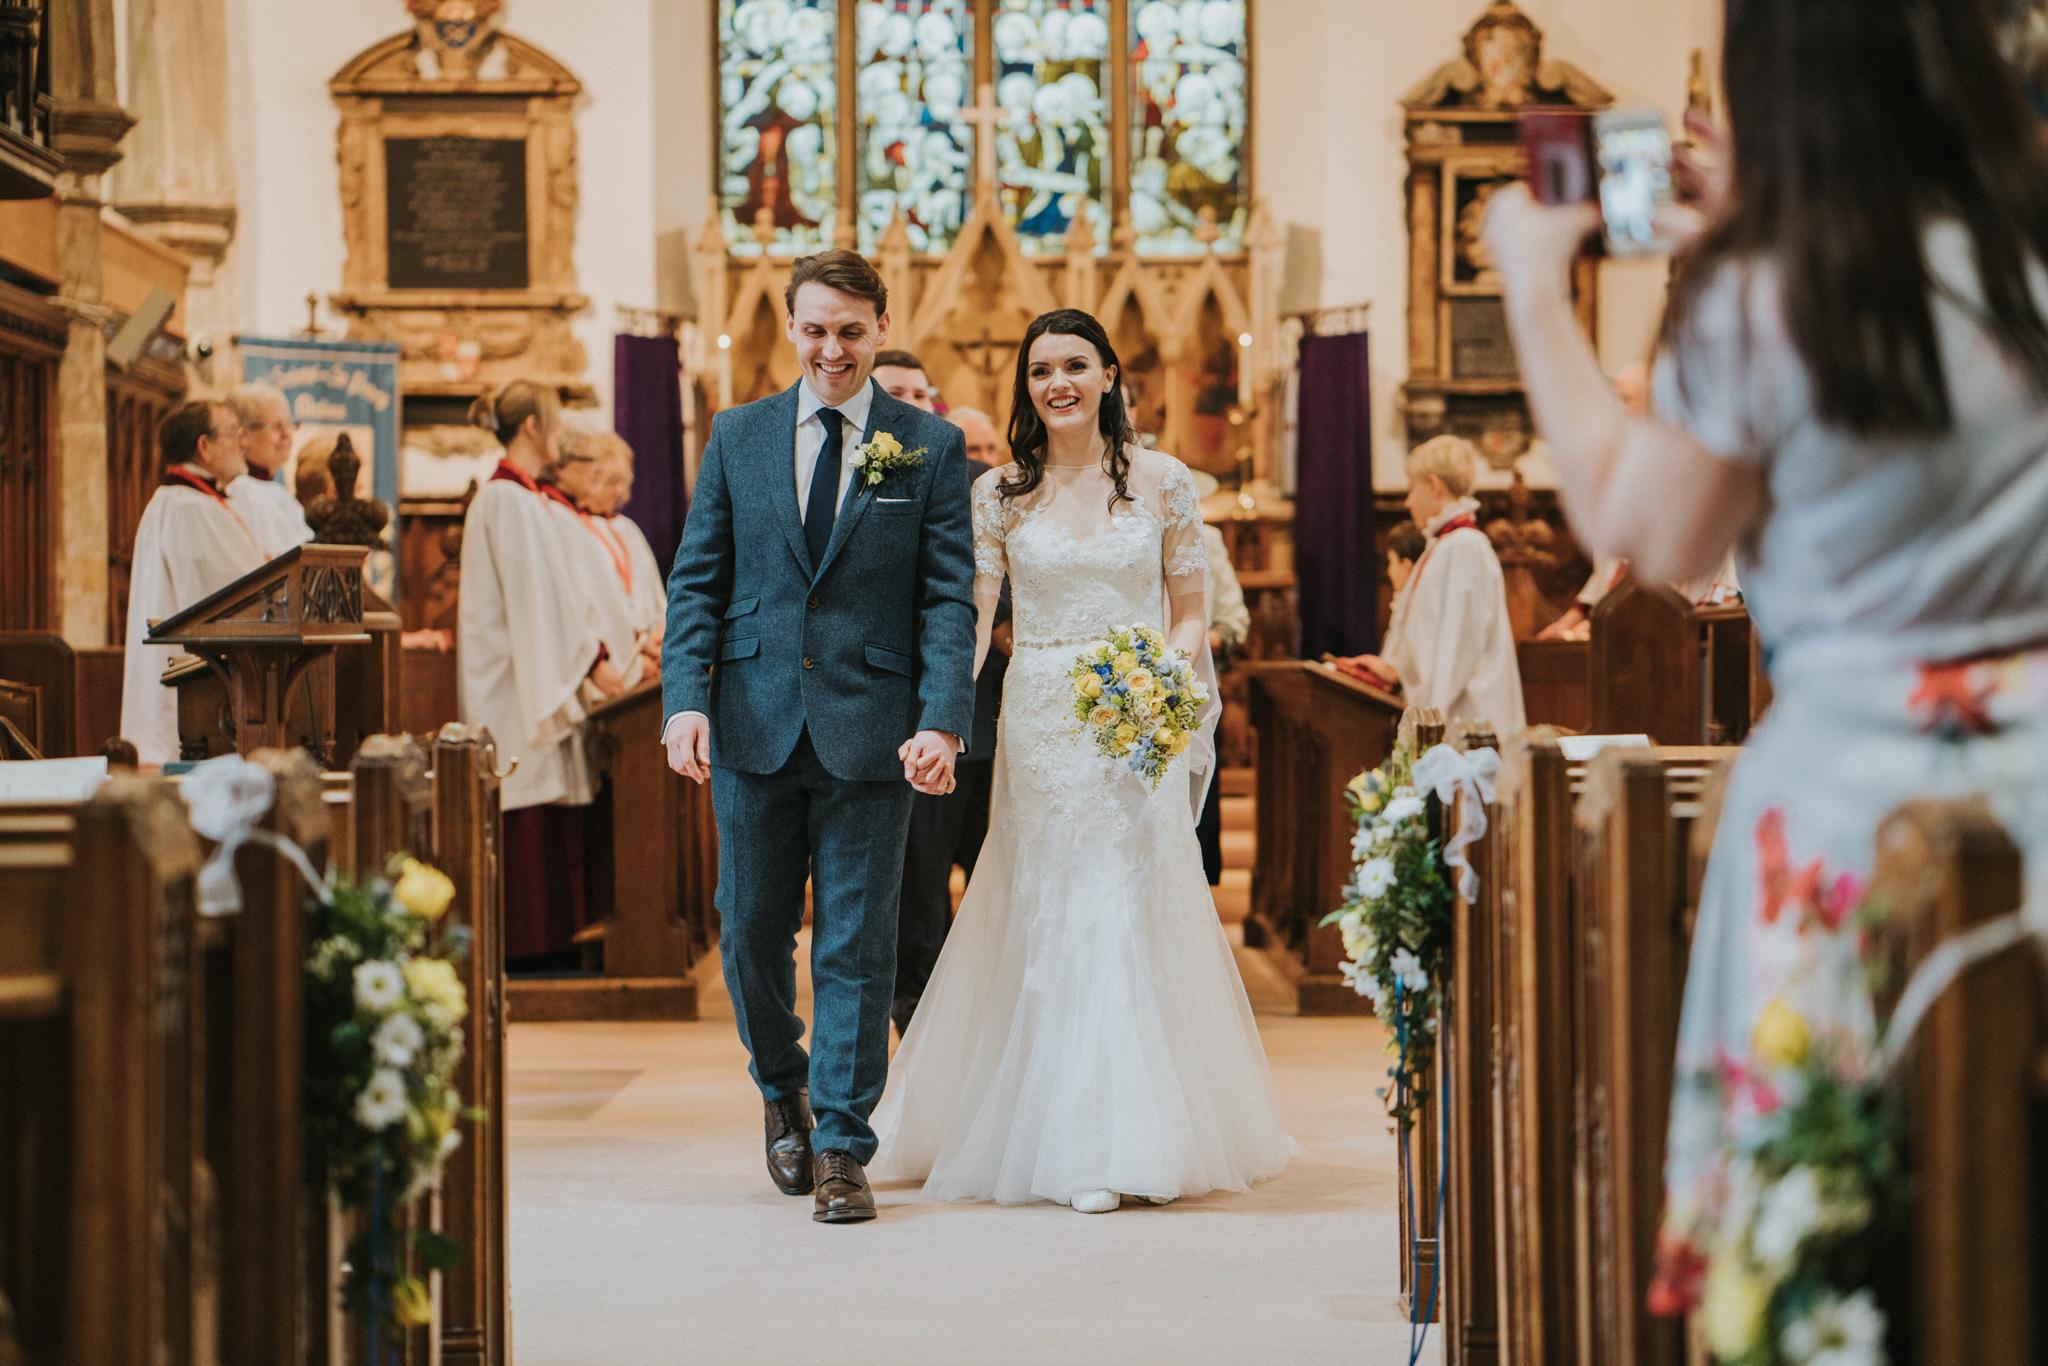 anne-charlie-maldon-all-saints-church-wedding-intimate-wedding-grace-elizabeth-colchester-essex-alternative-wedding-lifestyle-photographer-colchester-essex-suffolk-norfolk-devon (10 of 17).jpg